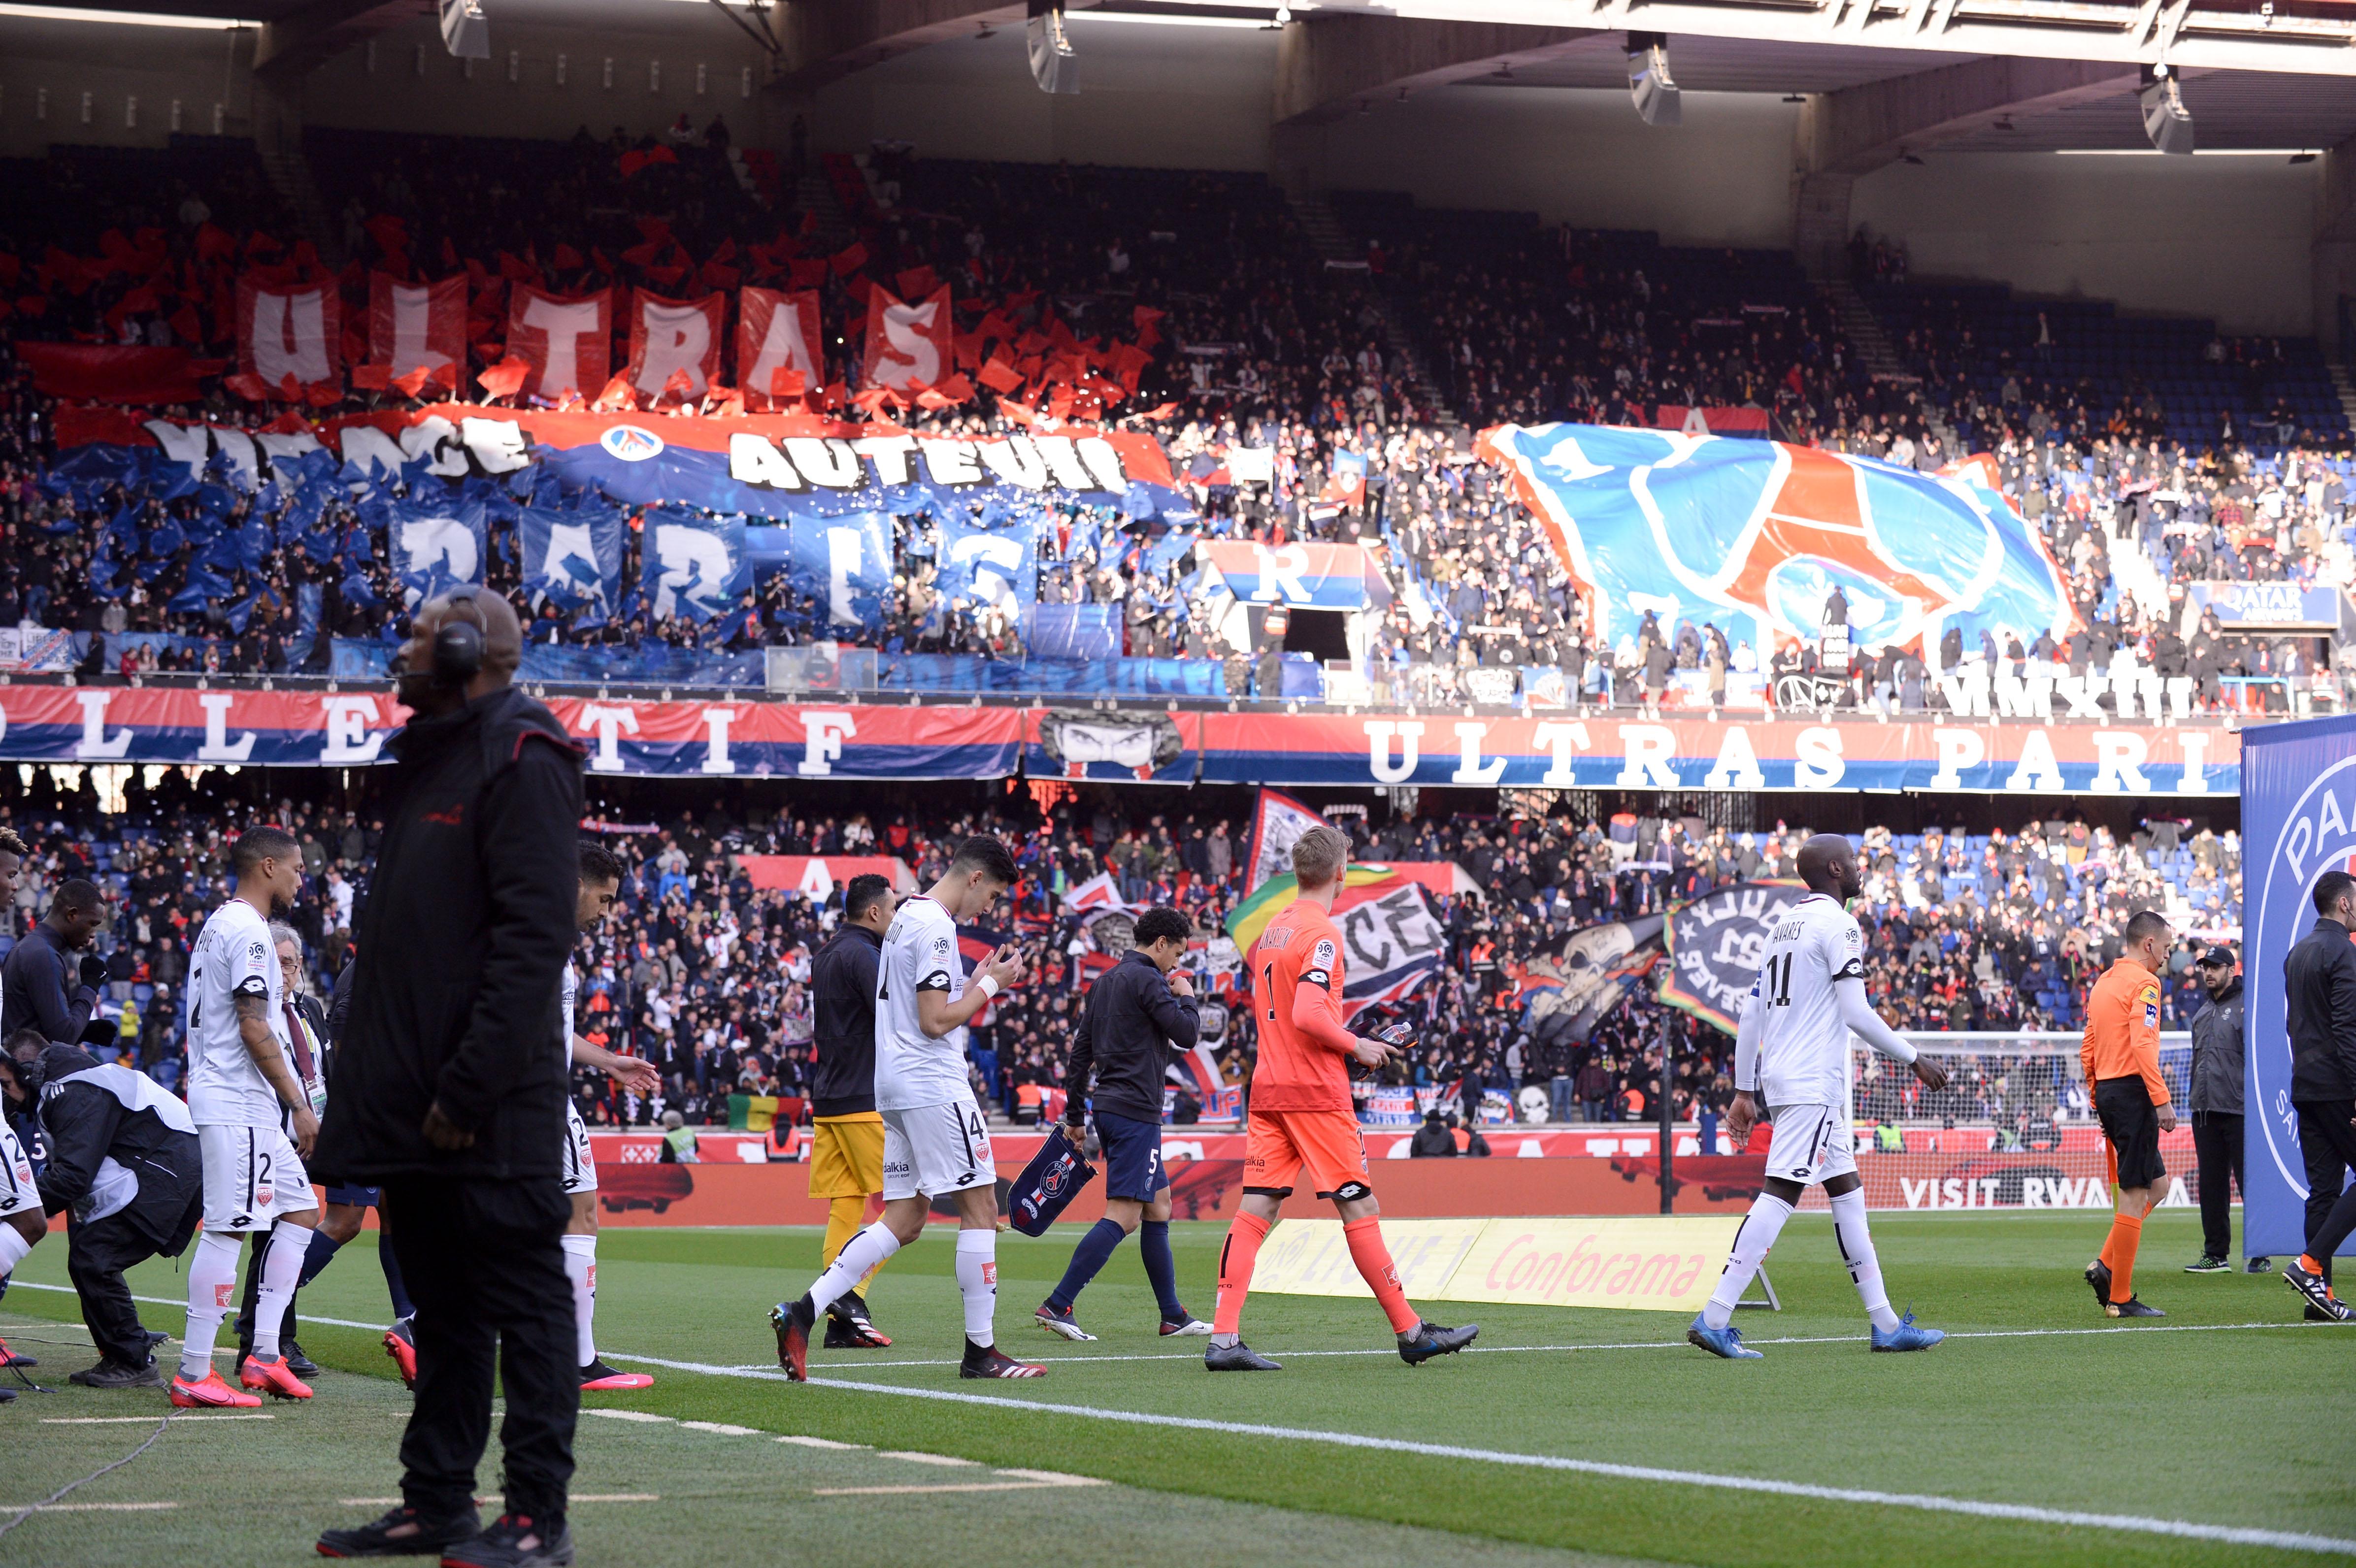 Football - Ligue des champions - Coronavirus : 5 questions sur le huis-clos de PSG-Dortmund